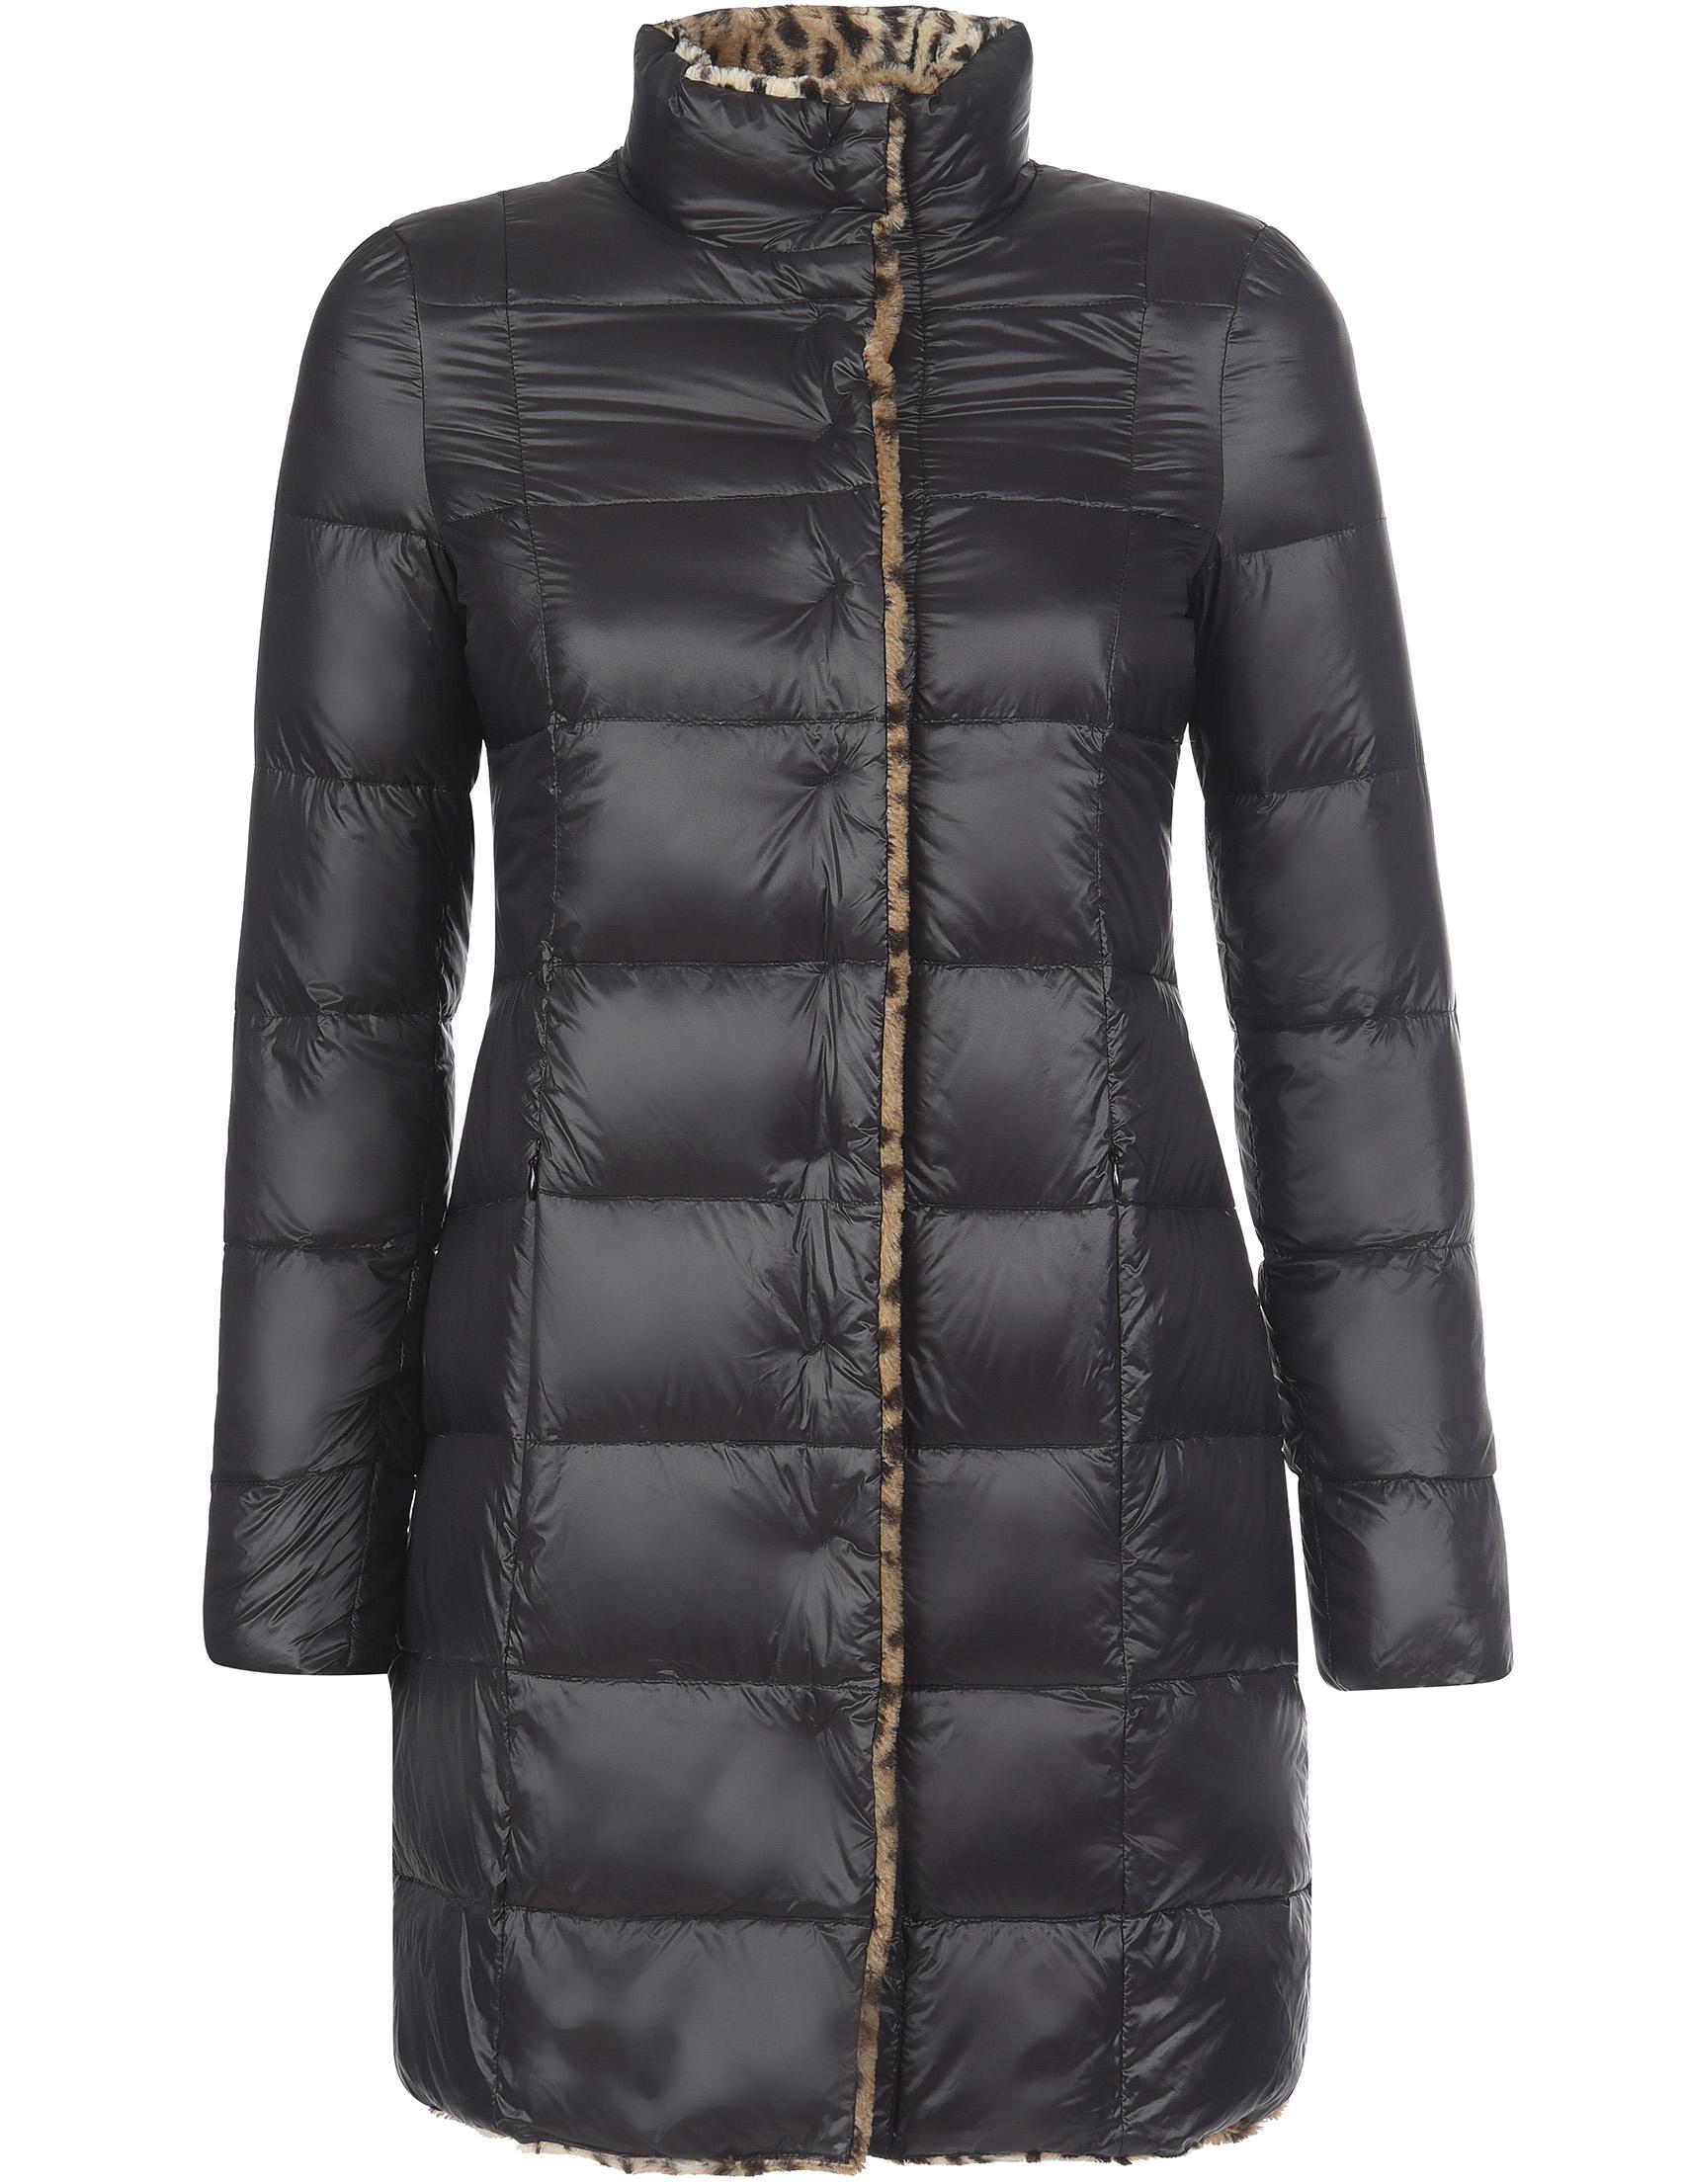 Купить Пальто, PATRIZIA PEPE, Черный, 10%Перо 90%Пух, Осень-Зима